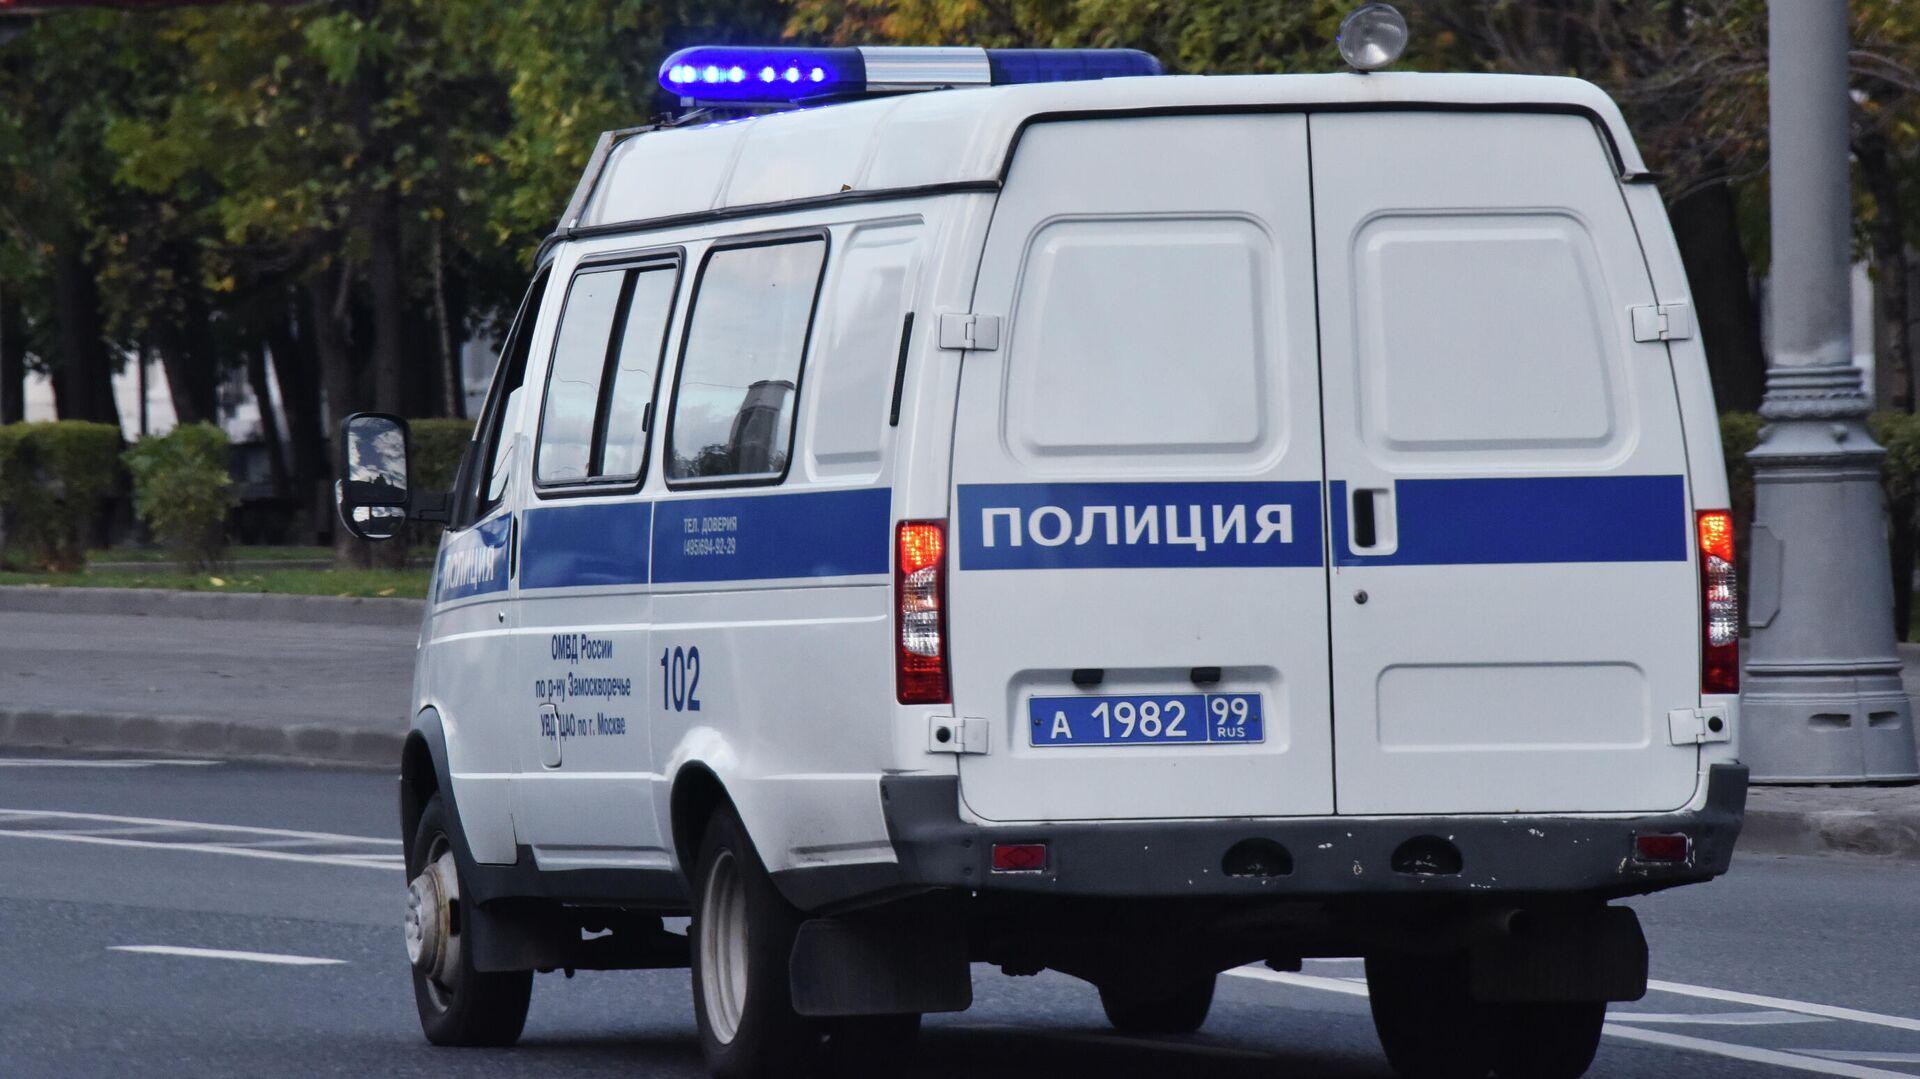 Автомобиль полиции едет по дороге - РИА Новости, 1920, 17.07.2021